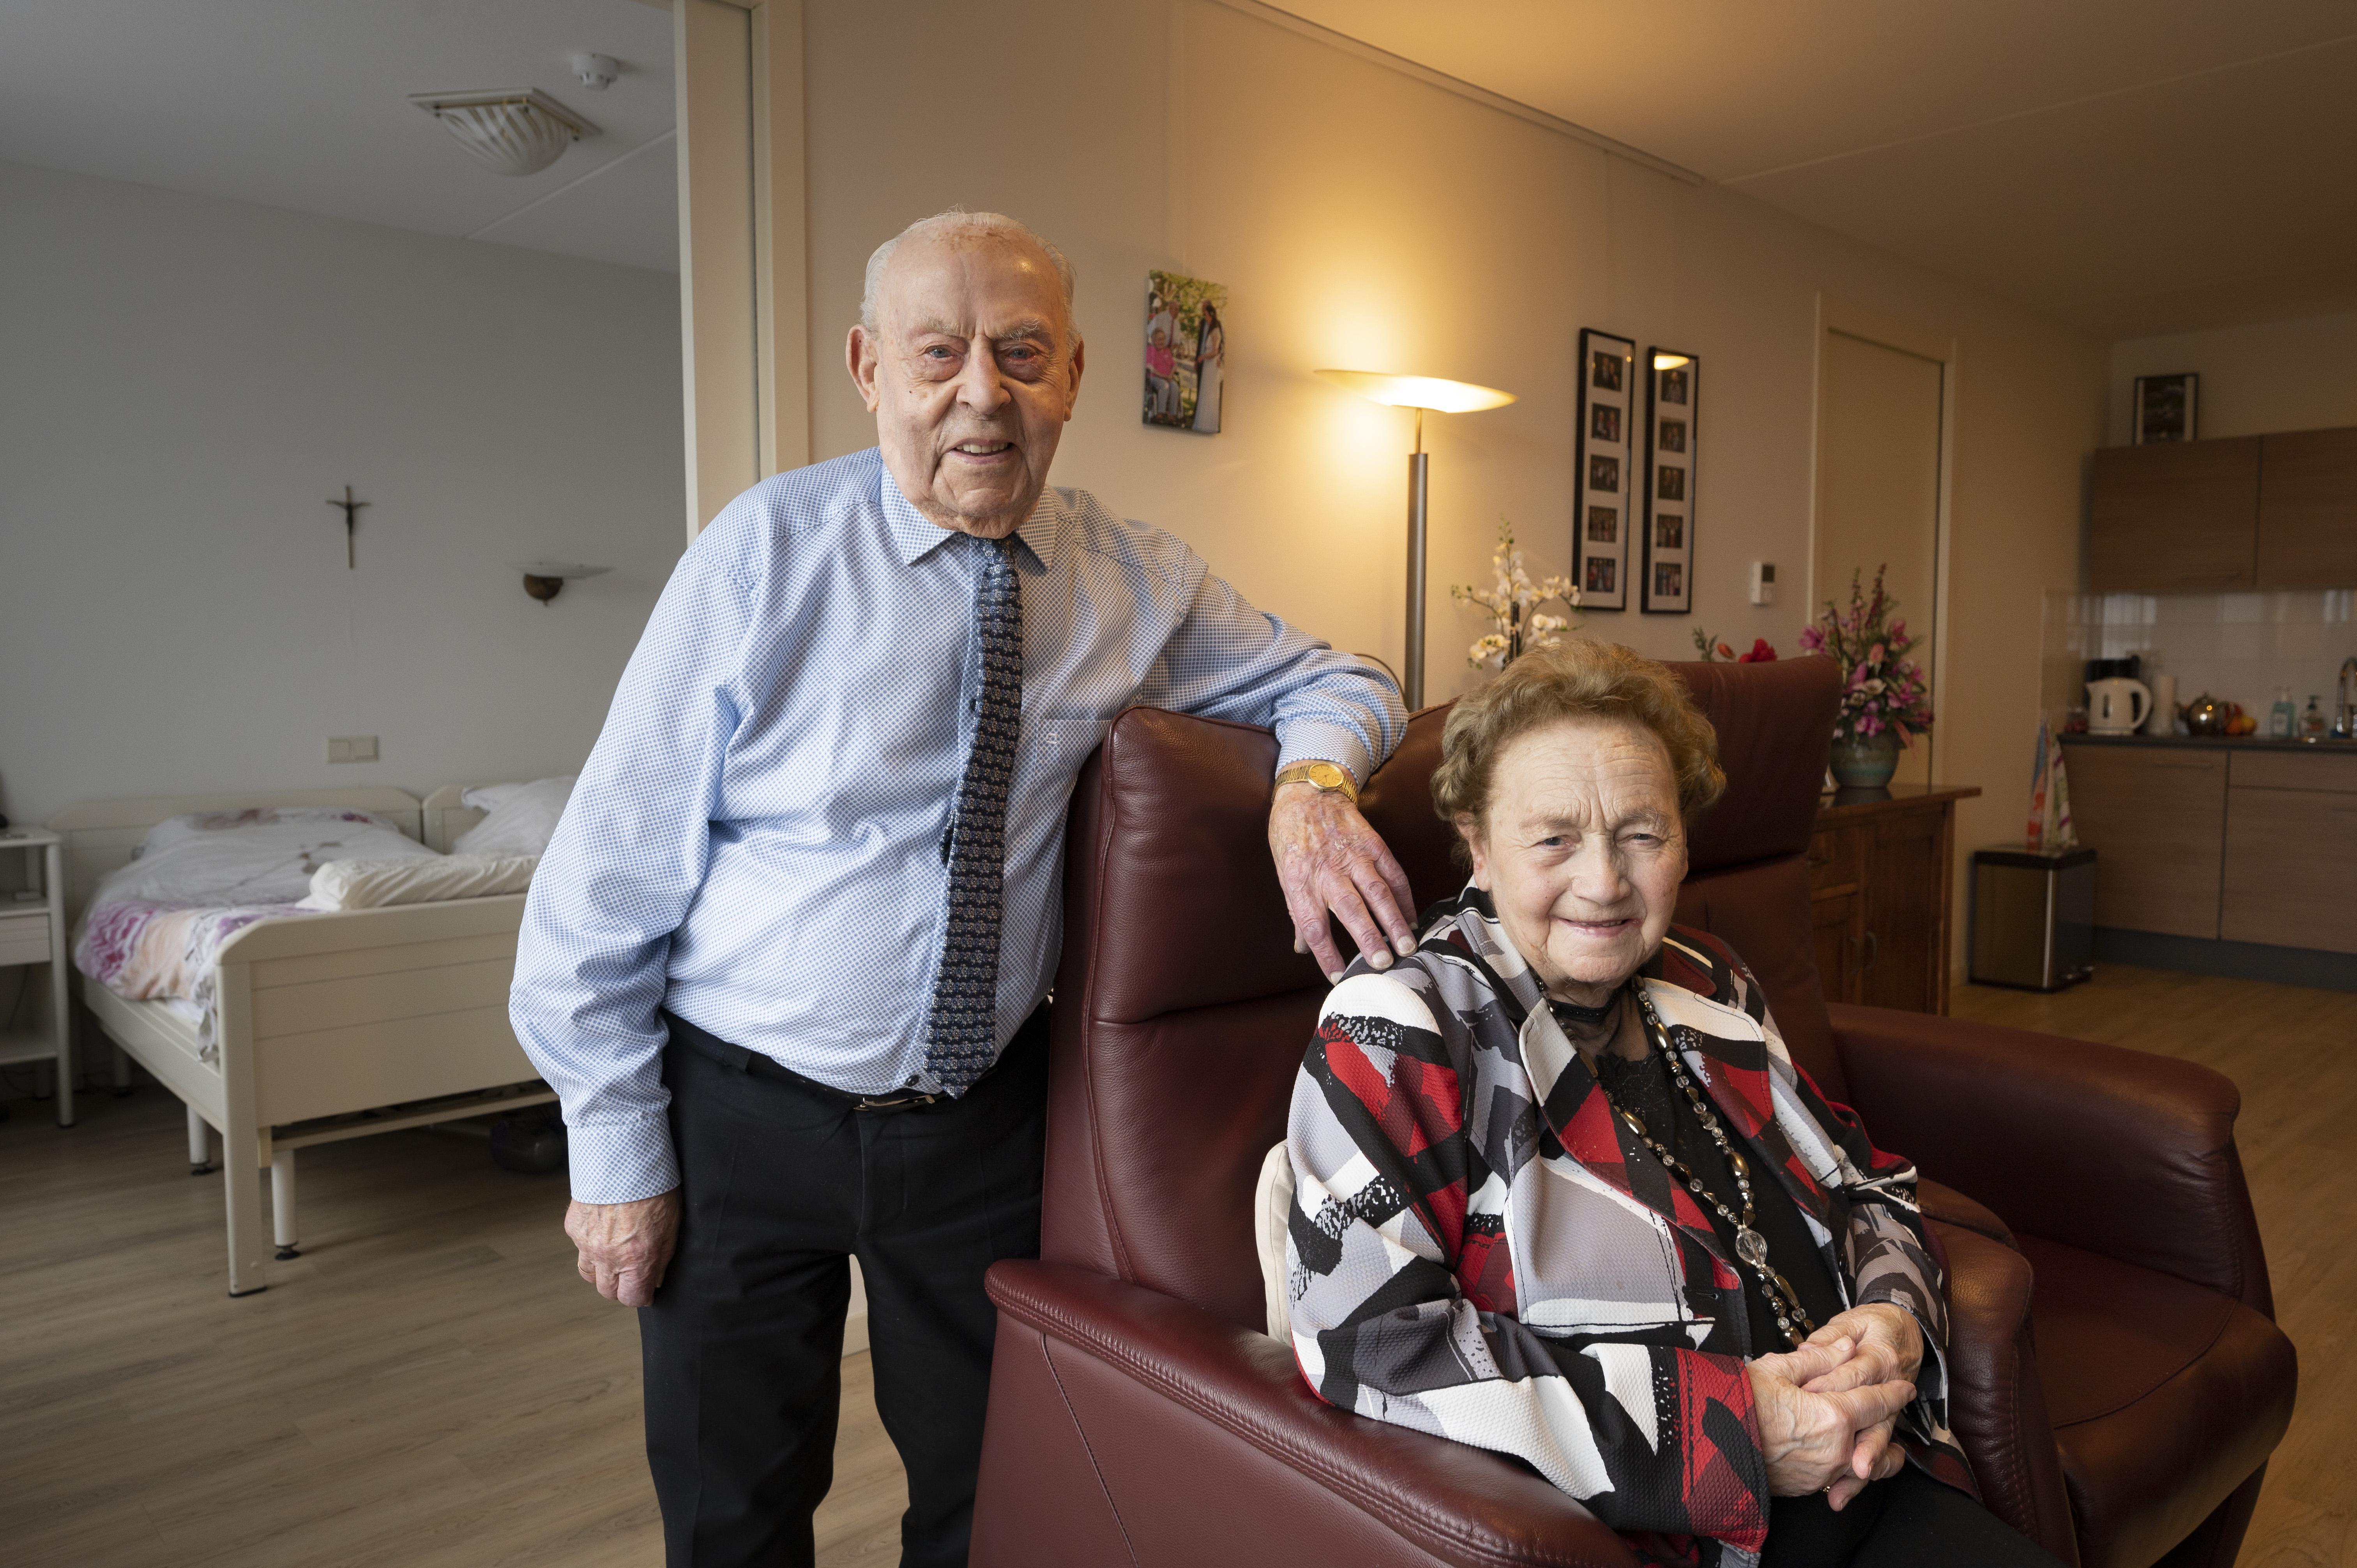 Veender Jan van der Zwet is 100 jaar en had al drie keer dood kunnen zijn. Maar niet van de ouderdom